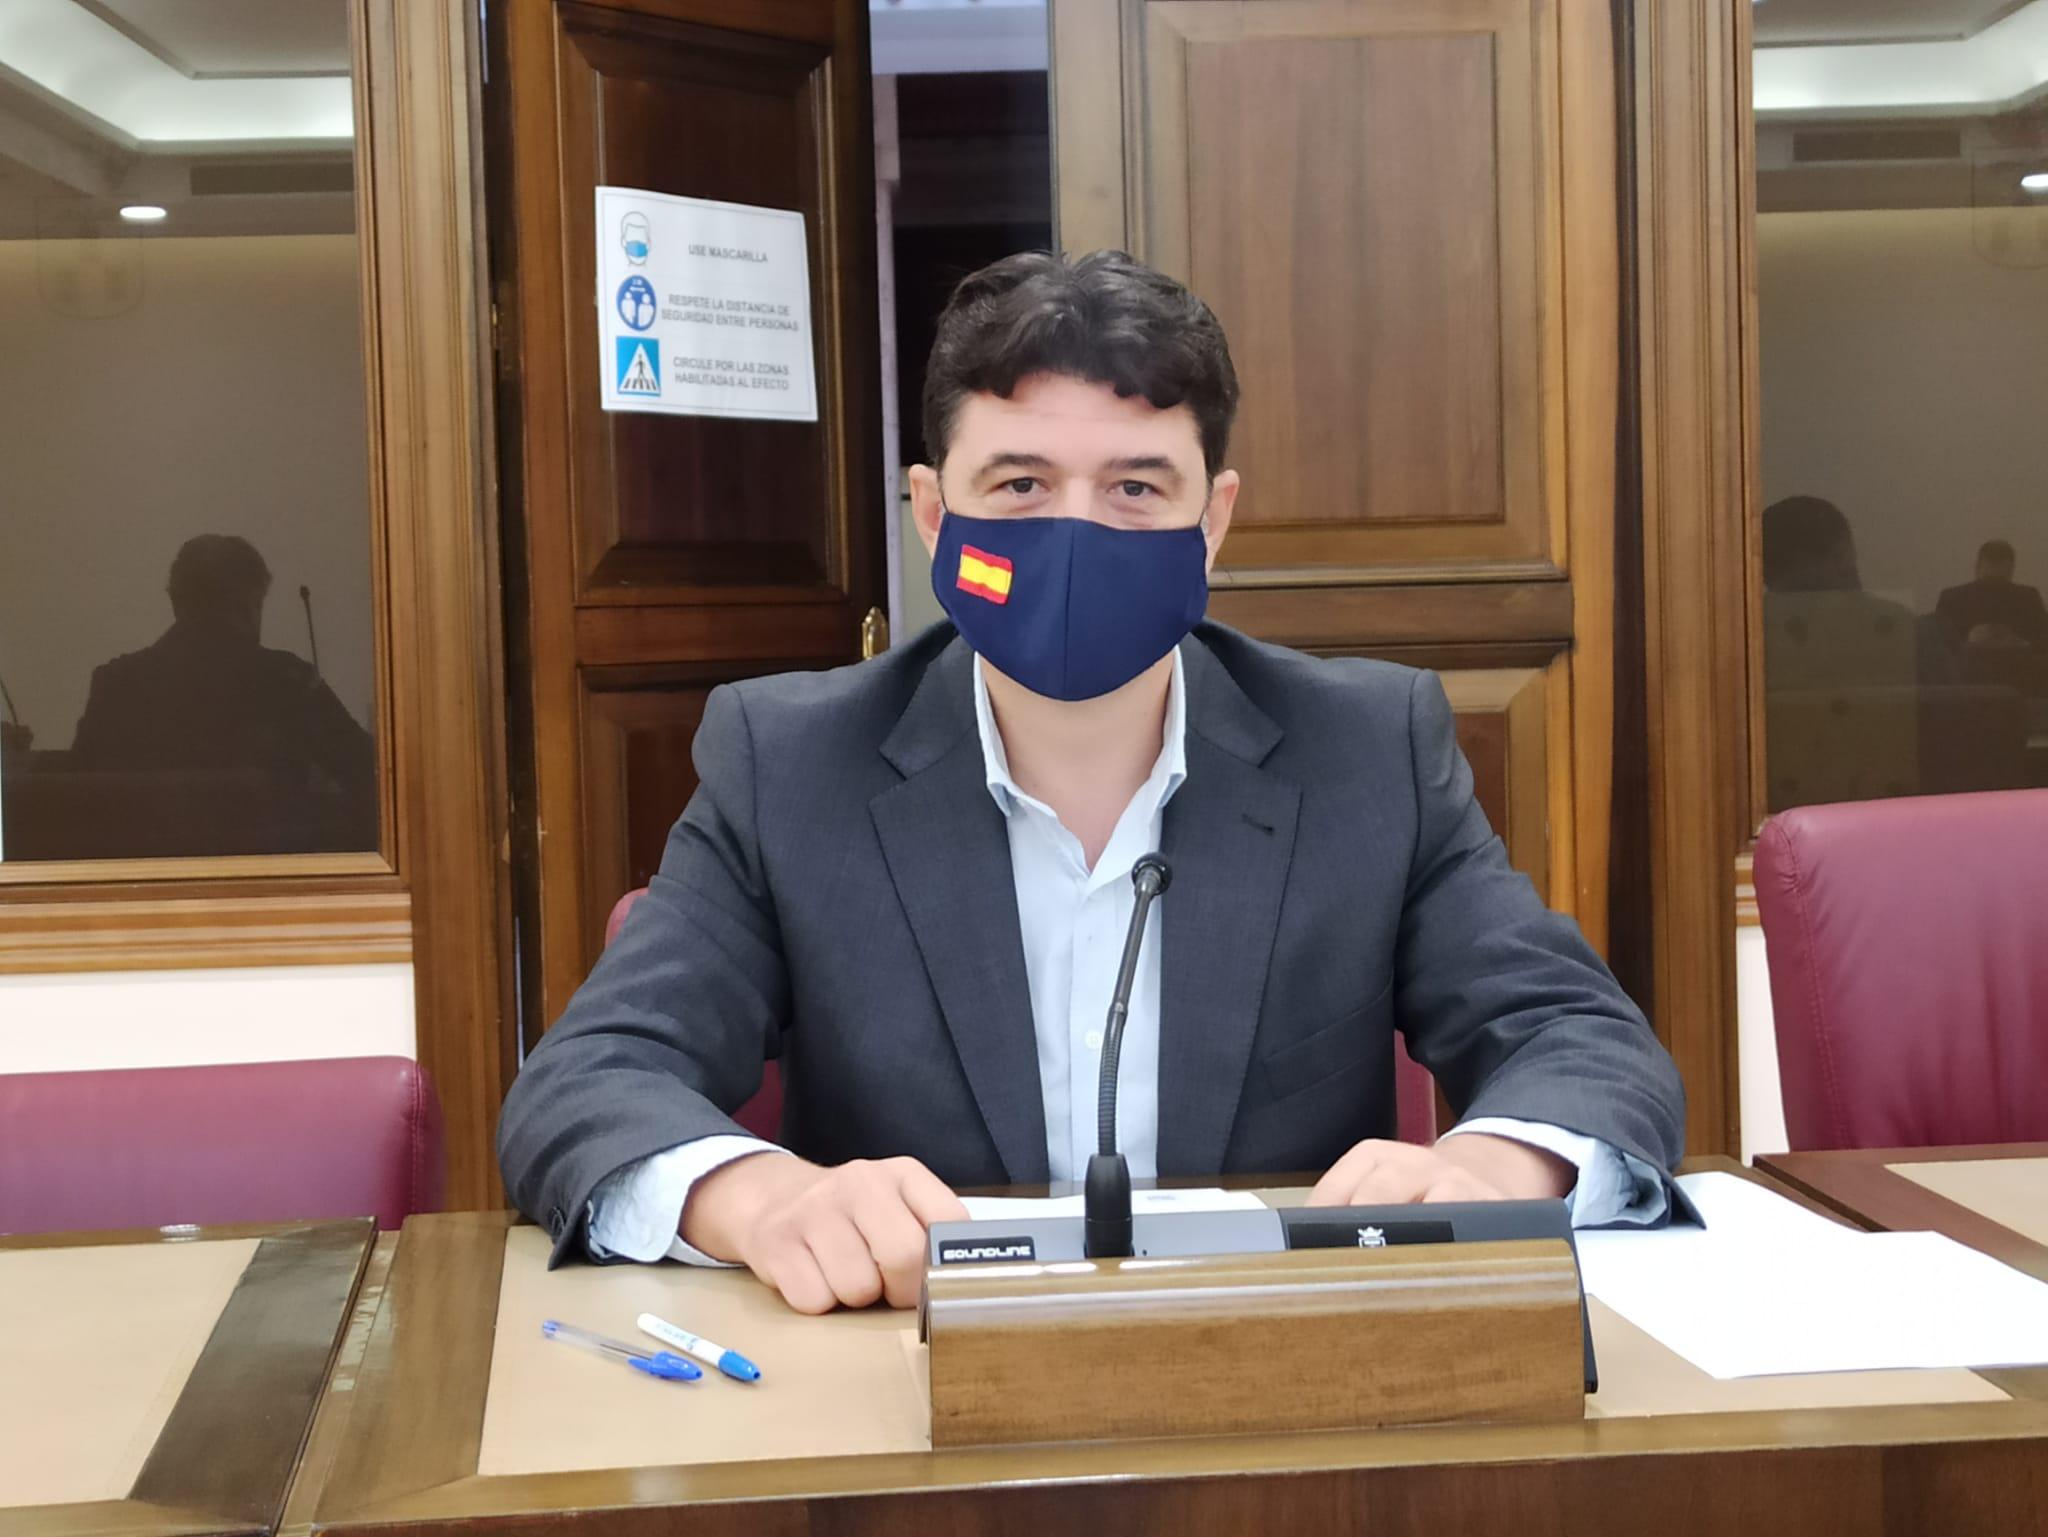 El Partido Popular lamenta que PSOE y Podemos se opongan a la moción para combatir la ocupación ilegal de viviendas que finalmente ha salido adelante en el pleno con los votos de PP, Ciudadanos y Vox